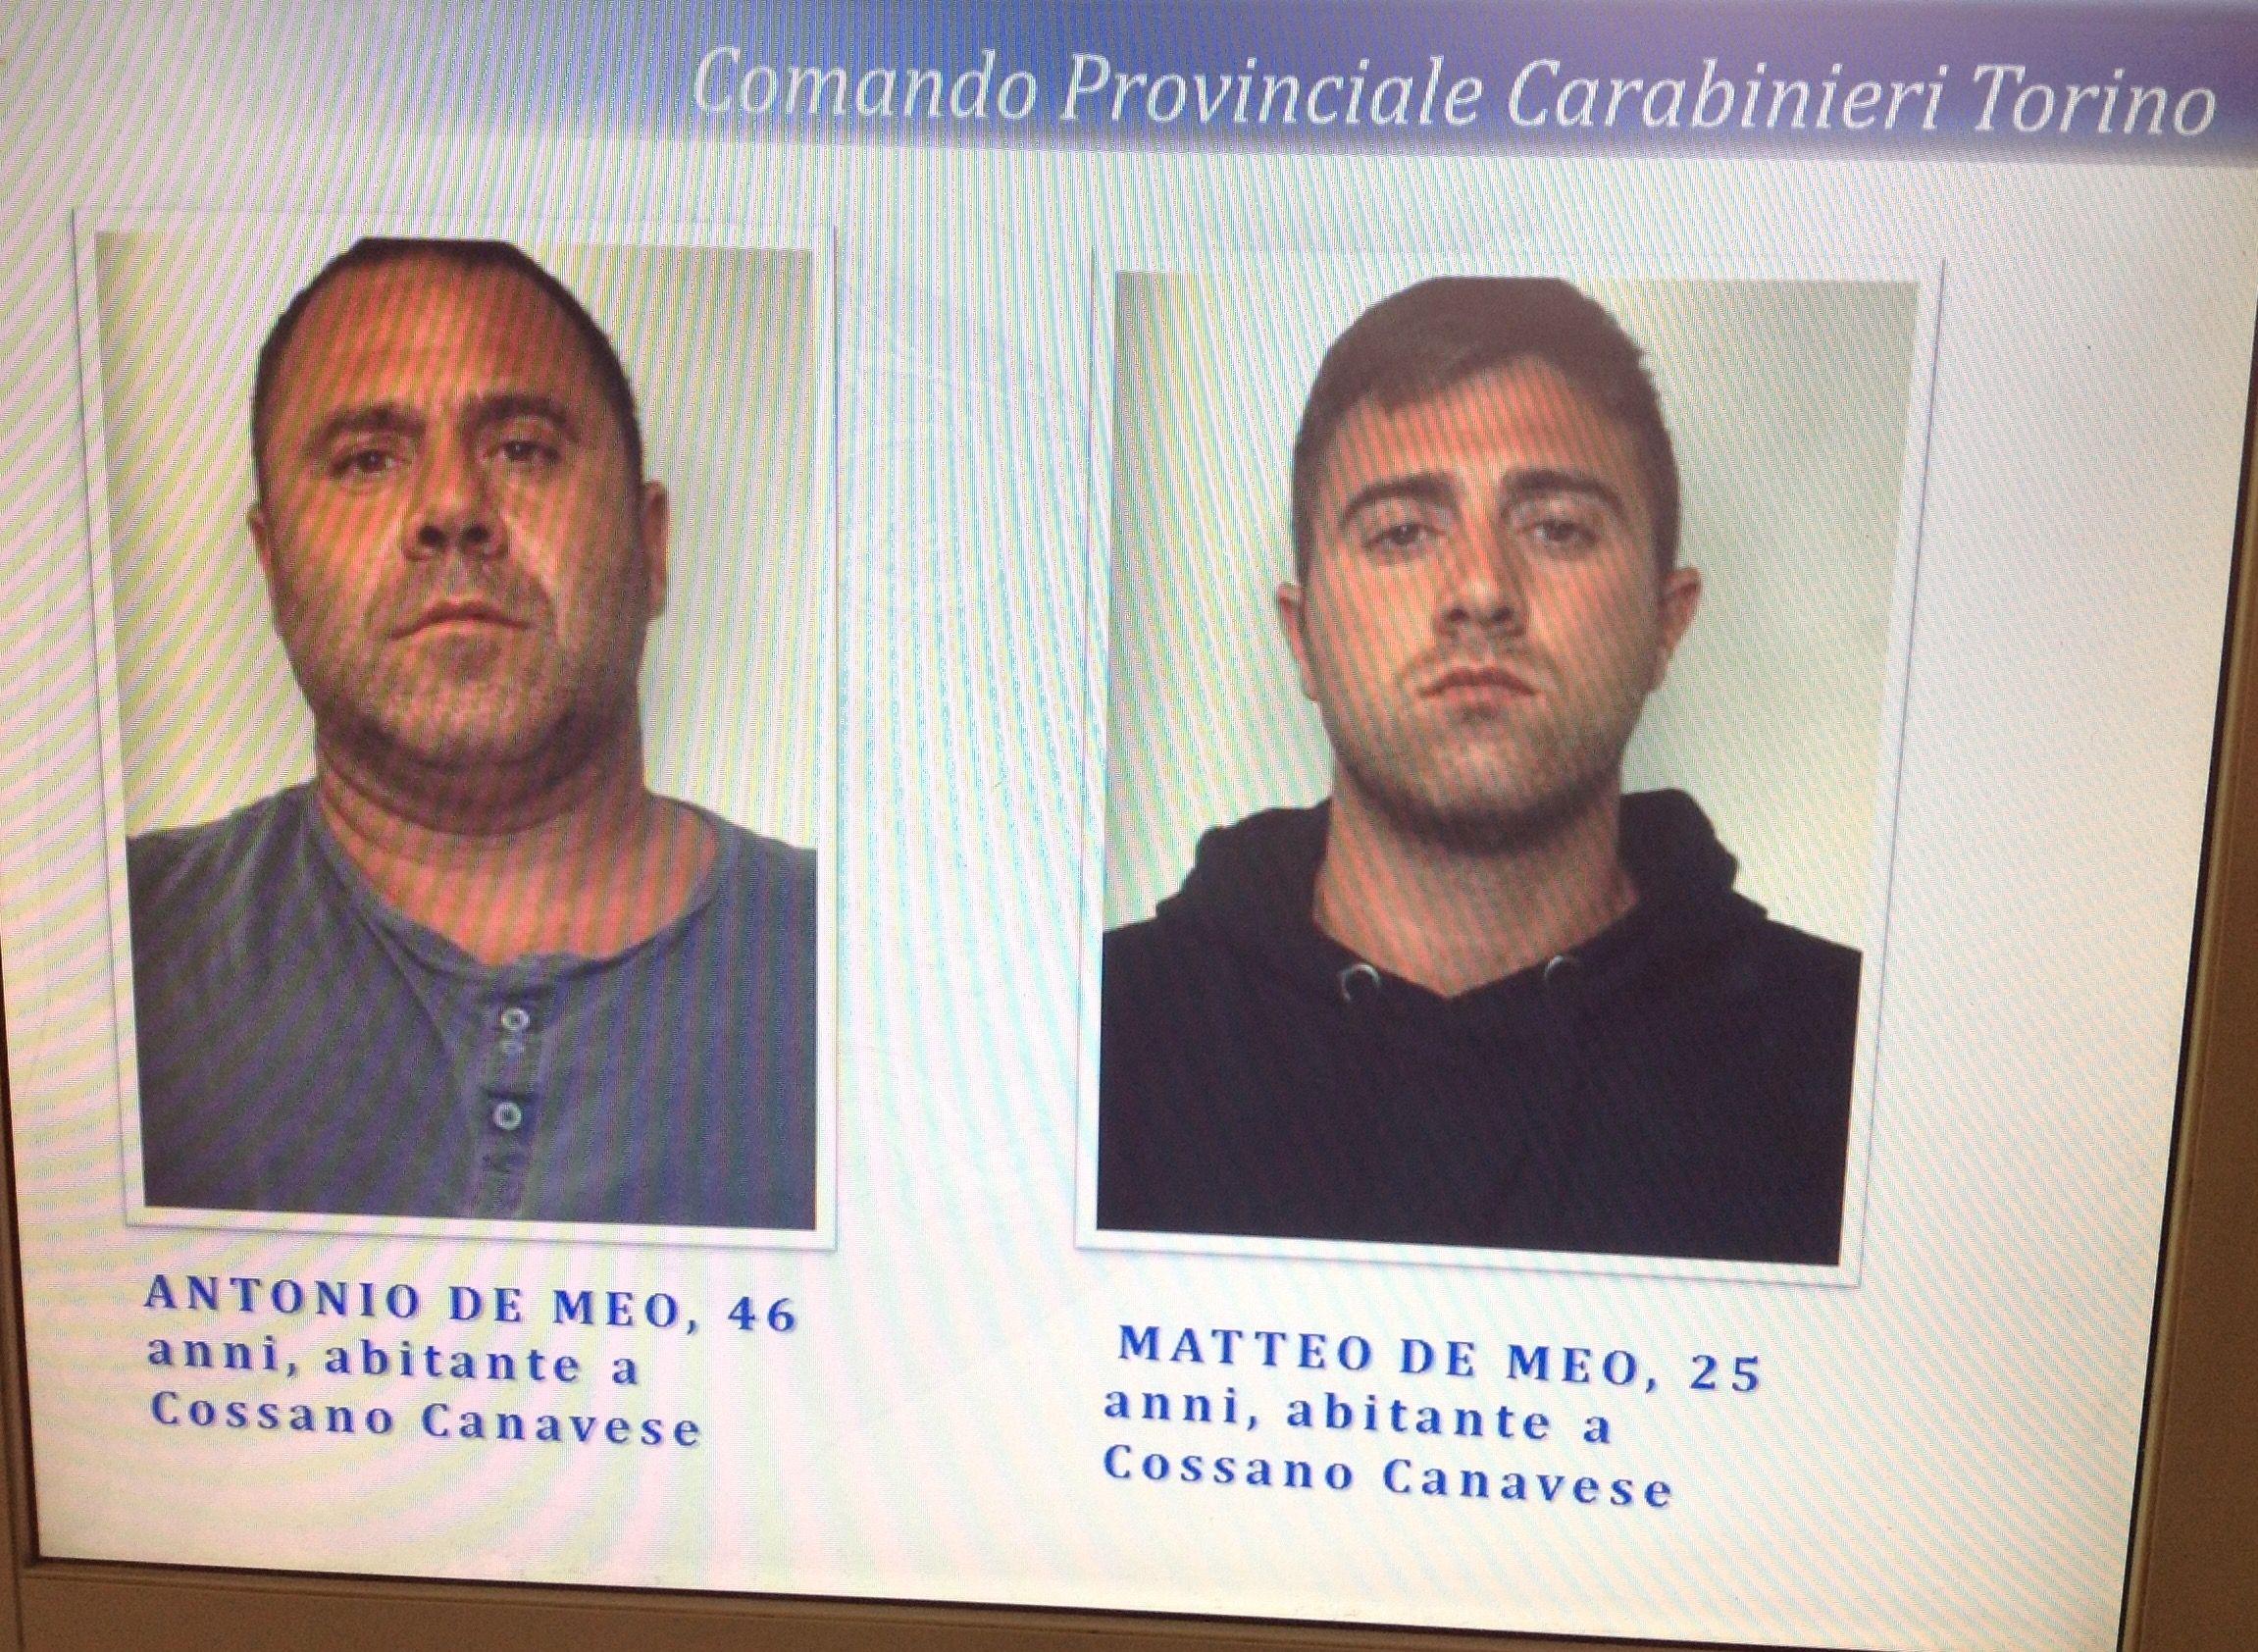 MONTALENGHE - Padre e figlio di Cossano Canavese arrestati per l'omicidio - FOTO DEI KILLER